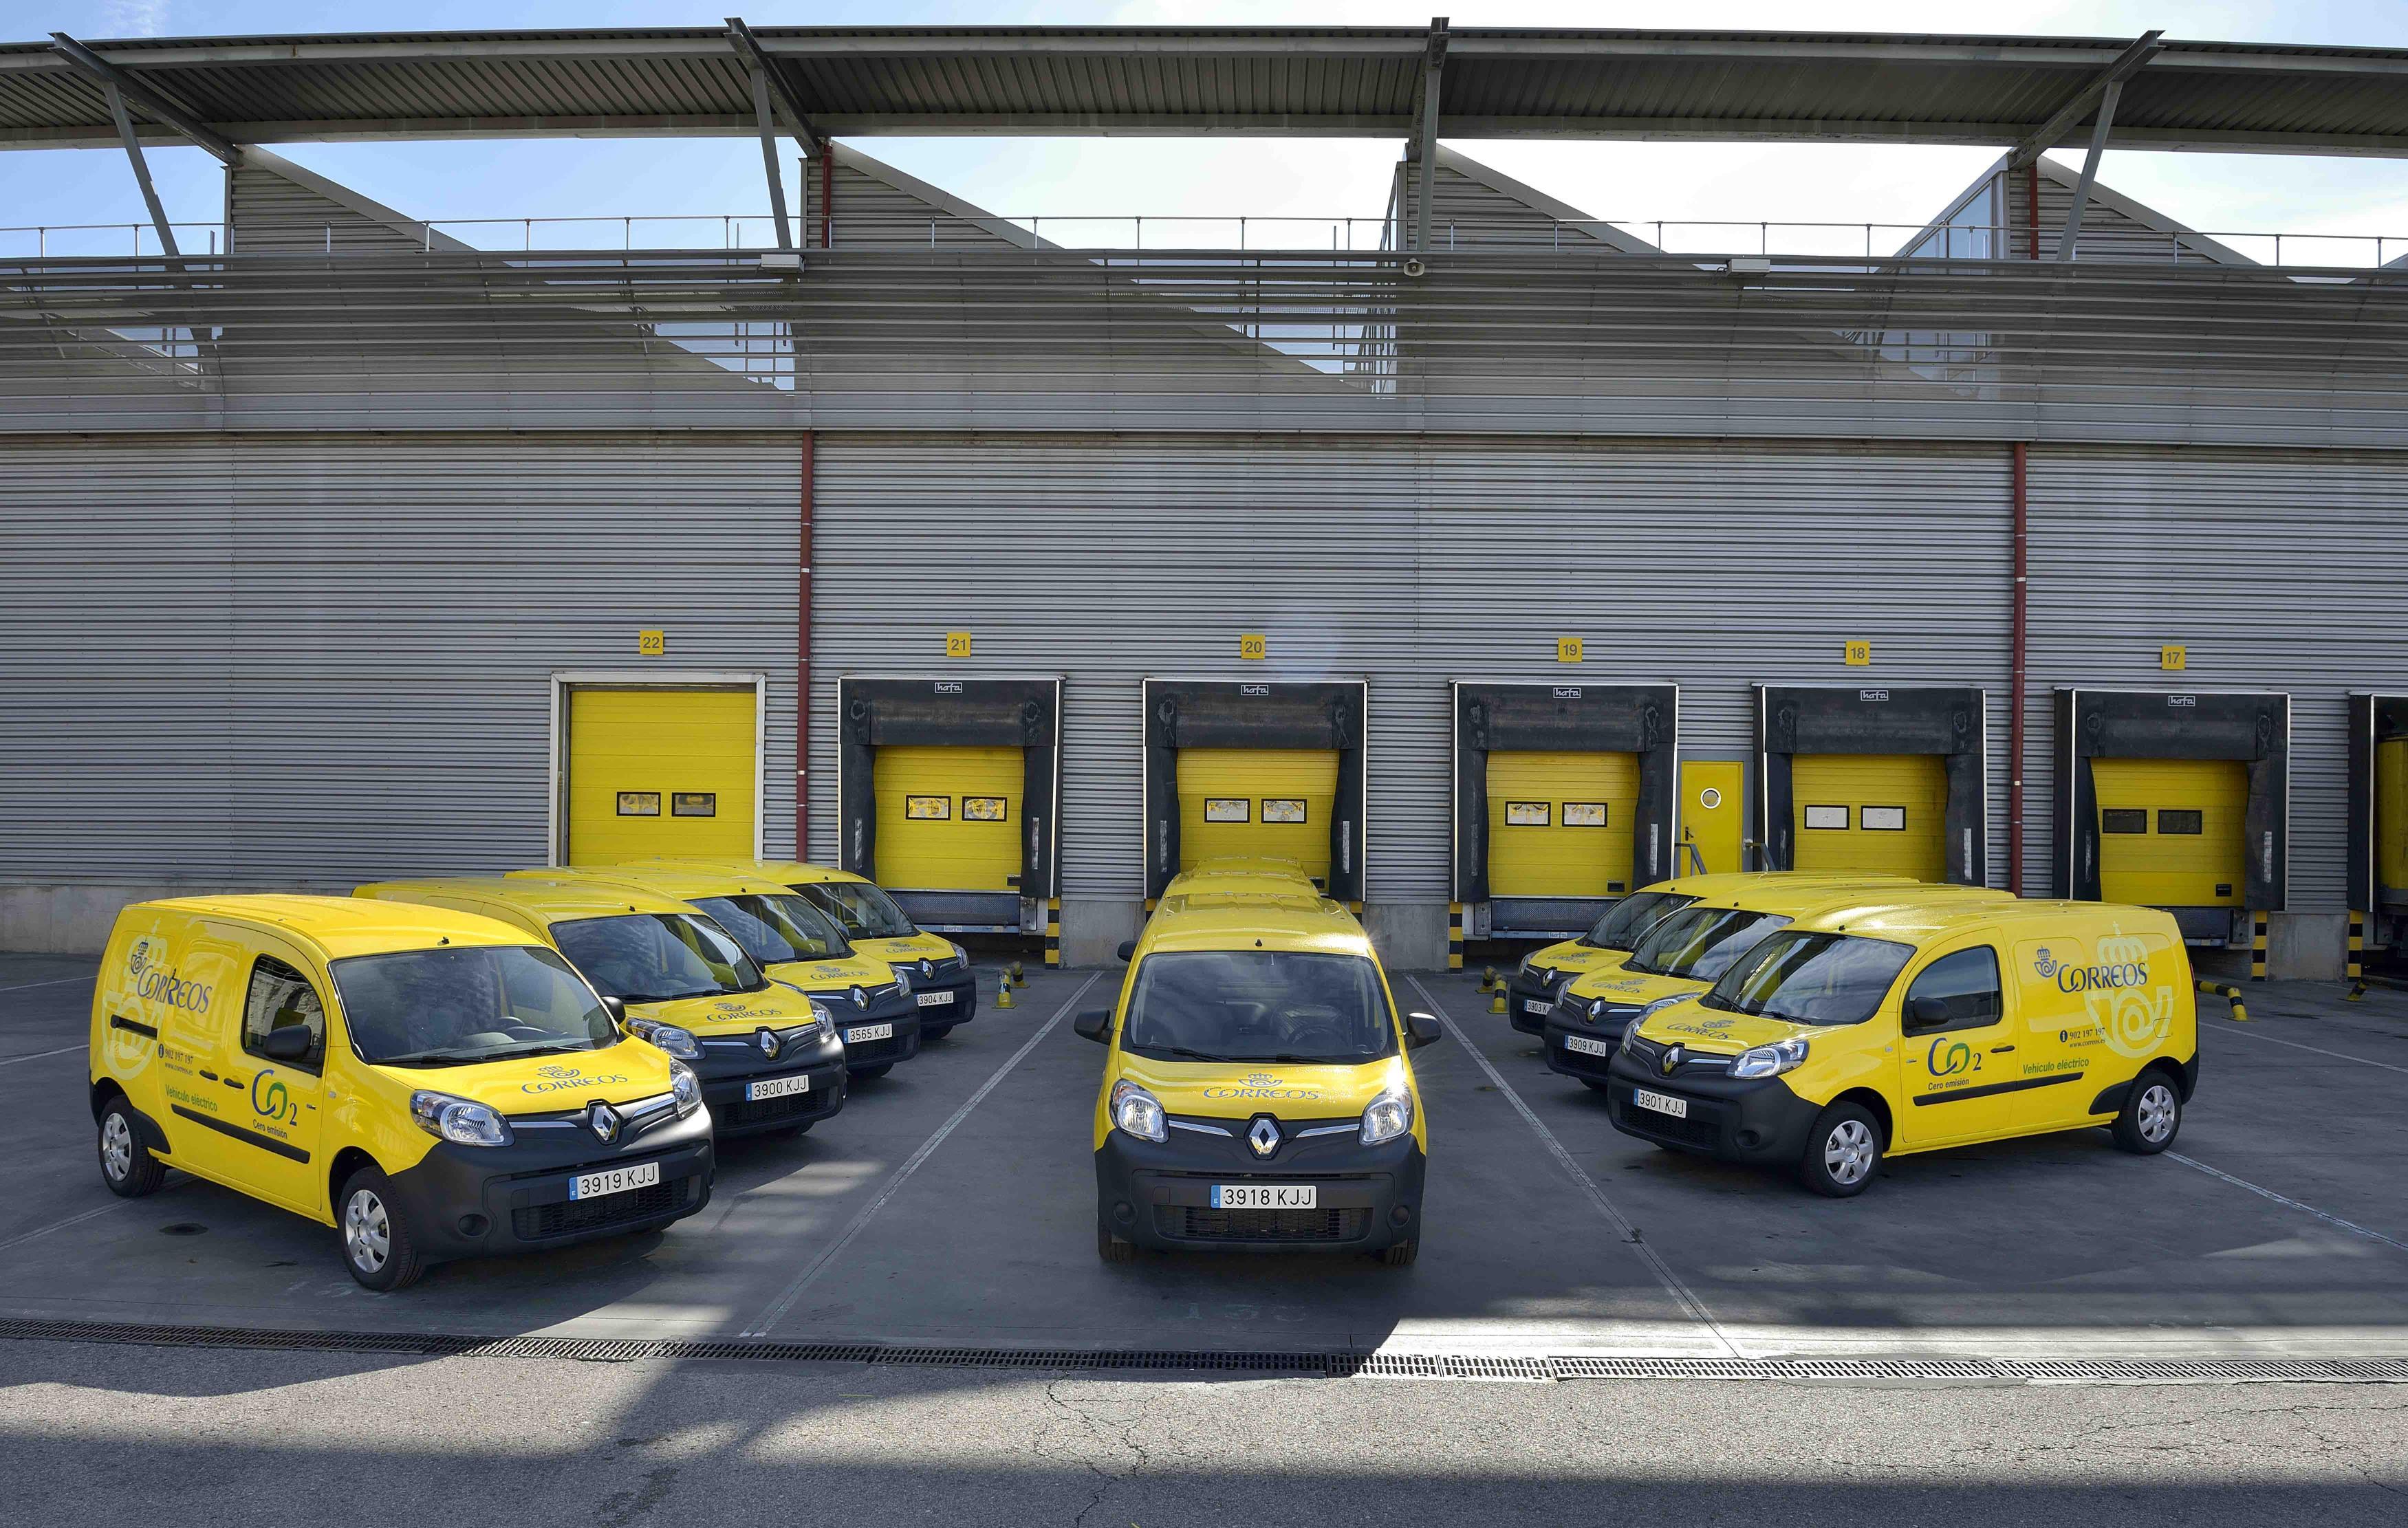 La flota de Correos marca Renault